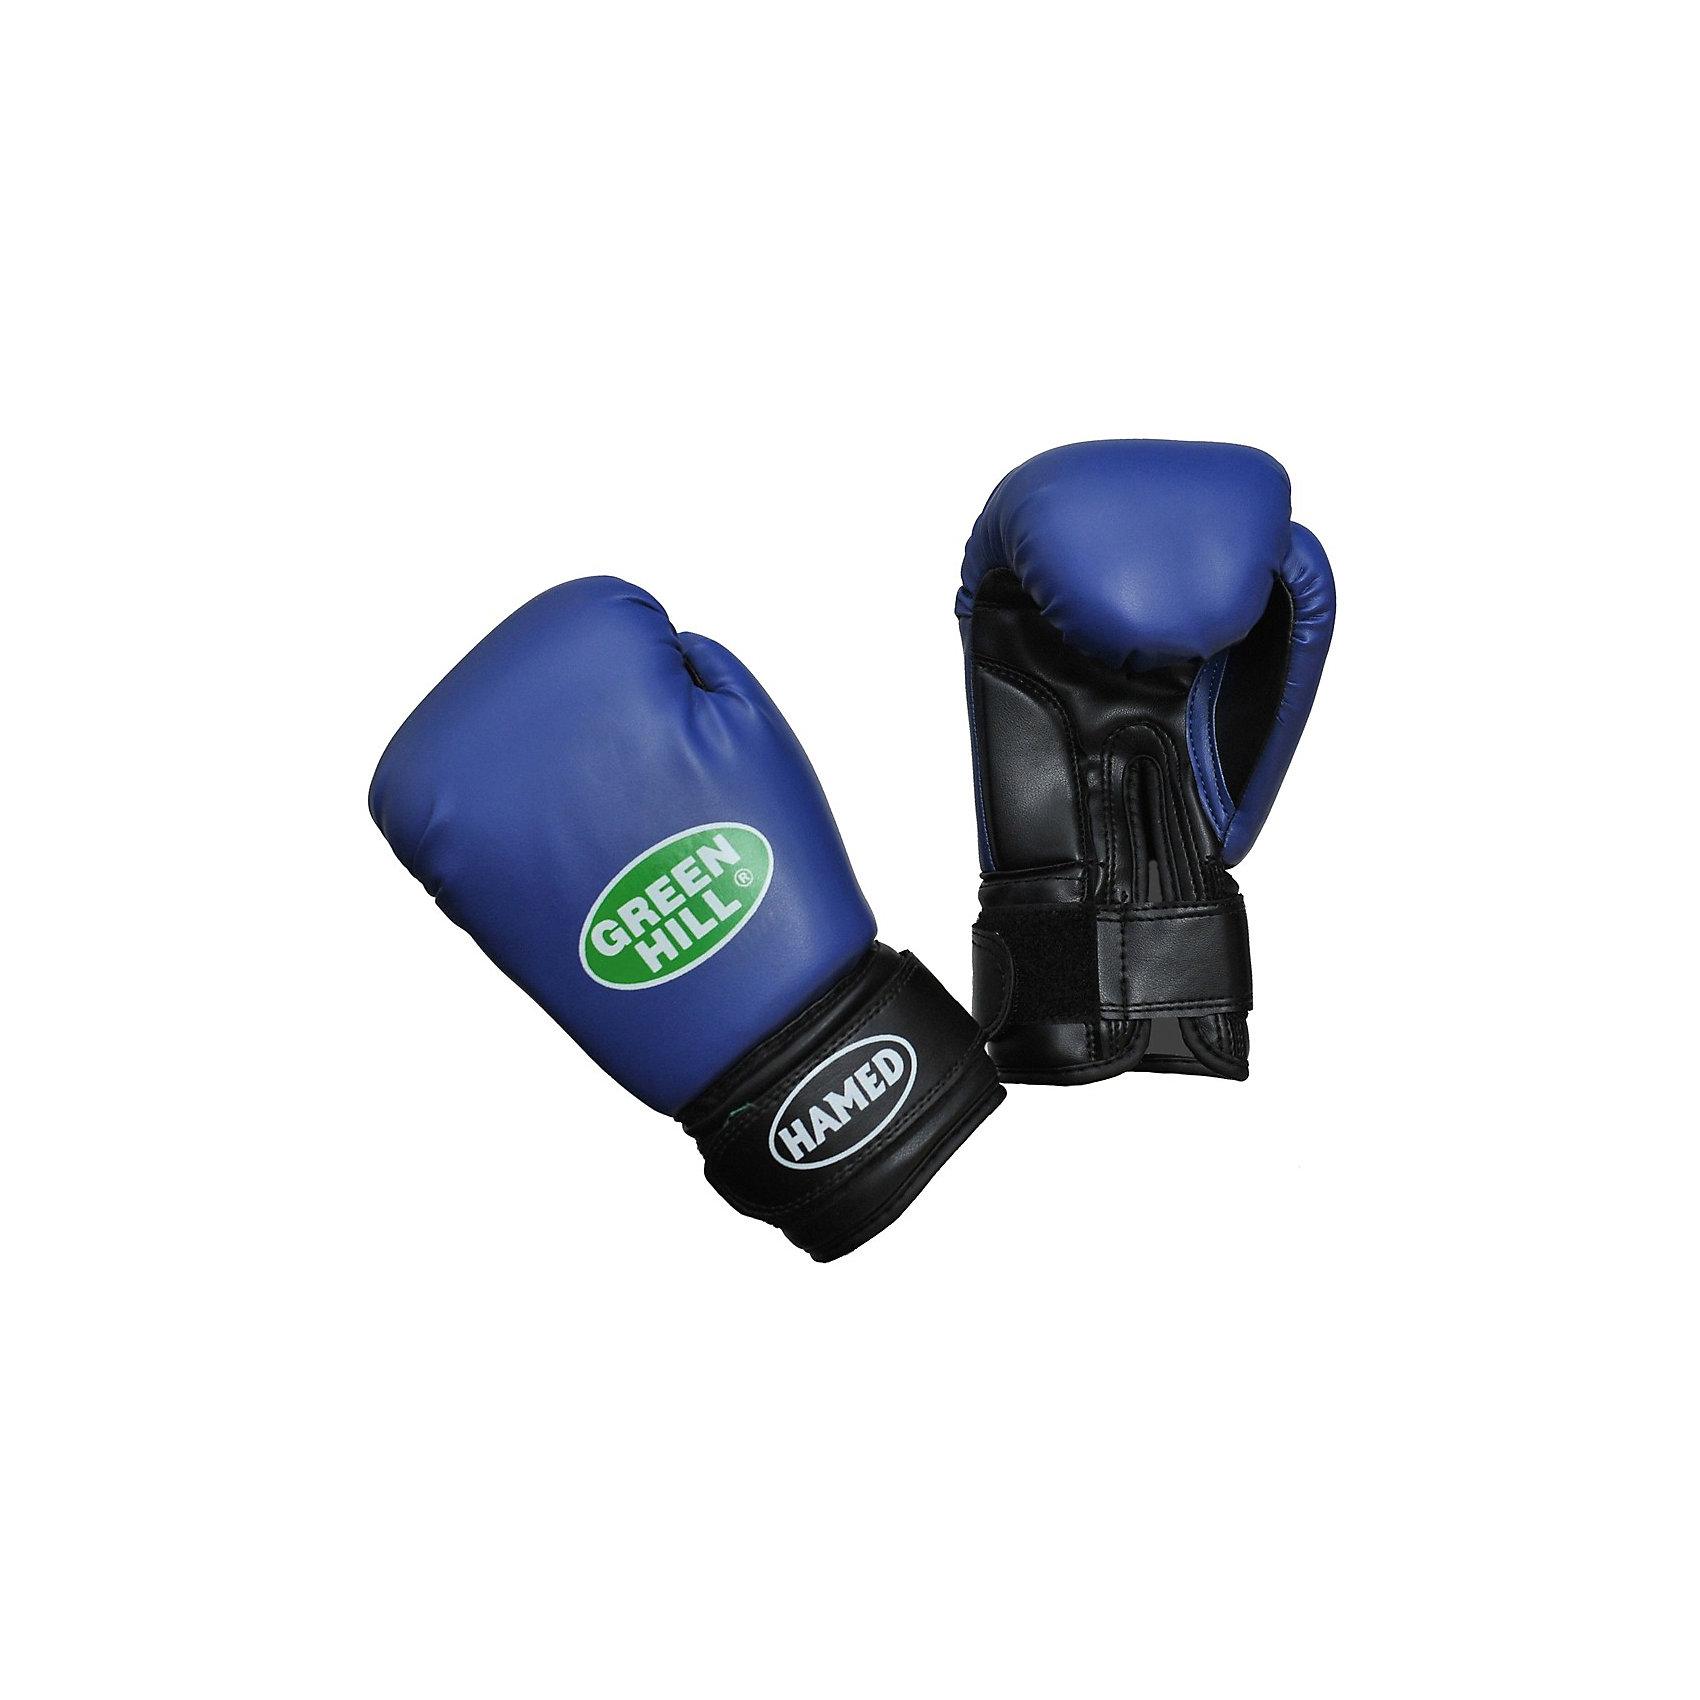 Перчатки детские HAMED (6 унций), Green HillПерчатки для бокса и кикбоксинга сделаны из качественной искусственной кожи. Прекрасно сидят на руке и надежно фиксируют руку застежкой на липучке. Вес 6 унций. Отличный выбор для будущих чемпионов.<br><br>Дополнительная информация:<br><br>- Состав: Искусственная кожа<br>- Размеры упаковки: 280 х 110 х120 мм<br>- Вес с упаковкой: 160 г.<br><br>Перчатки детские HAMED (6 унций), Green Hill (Грин Хилл) можно купить в нашем магазине.<br><br>Ширина мм: 280<br>Глубина мм: 110<br>Высота мм: 120<br>Вес г: 160<br>Возраст от месяцев: 72<br>Возраст до месяцев: 144<br>Пол: Мужской<br>Возраст: Детский<br>SKU: 3722374